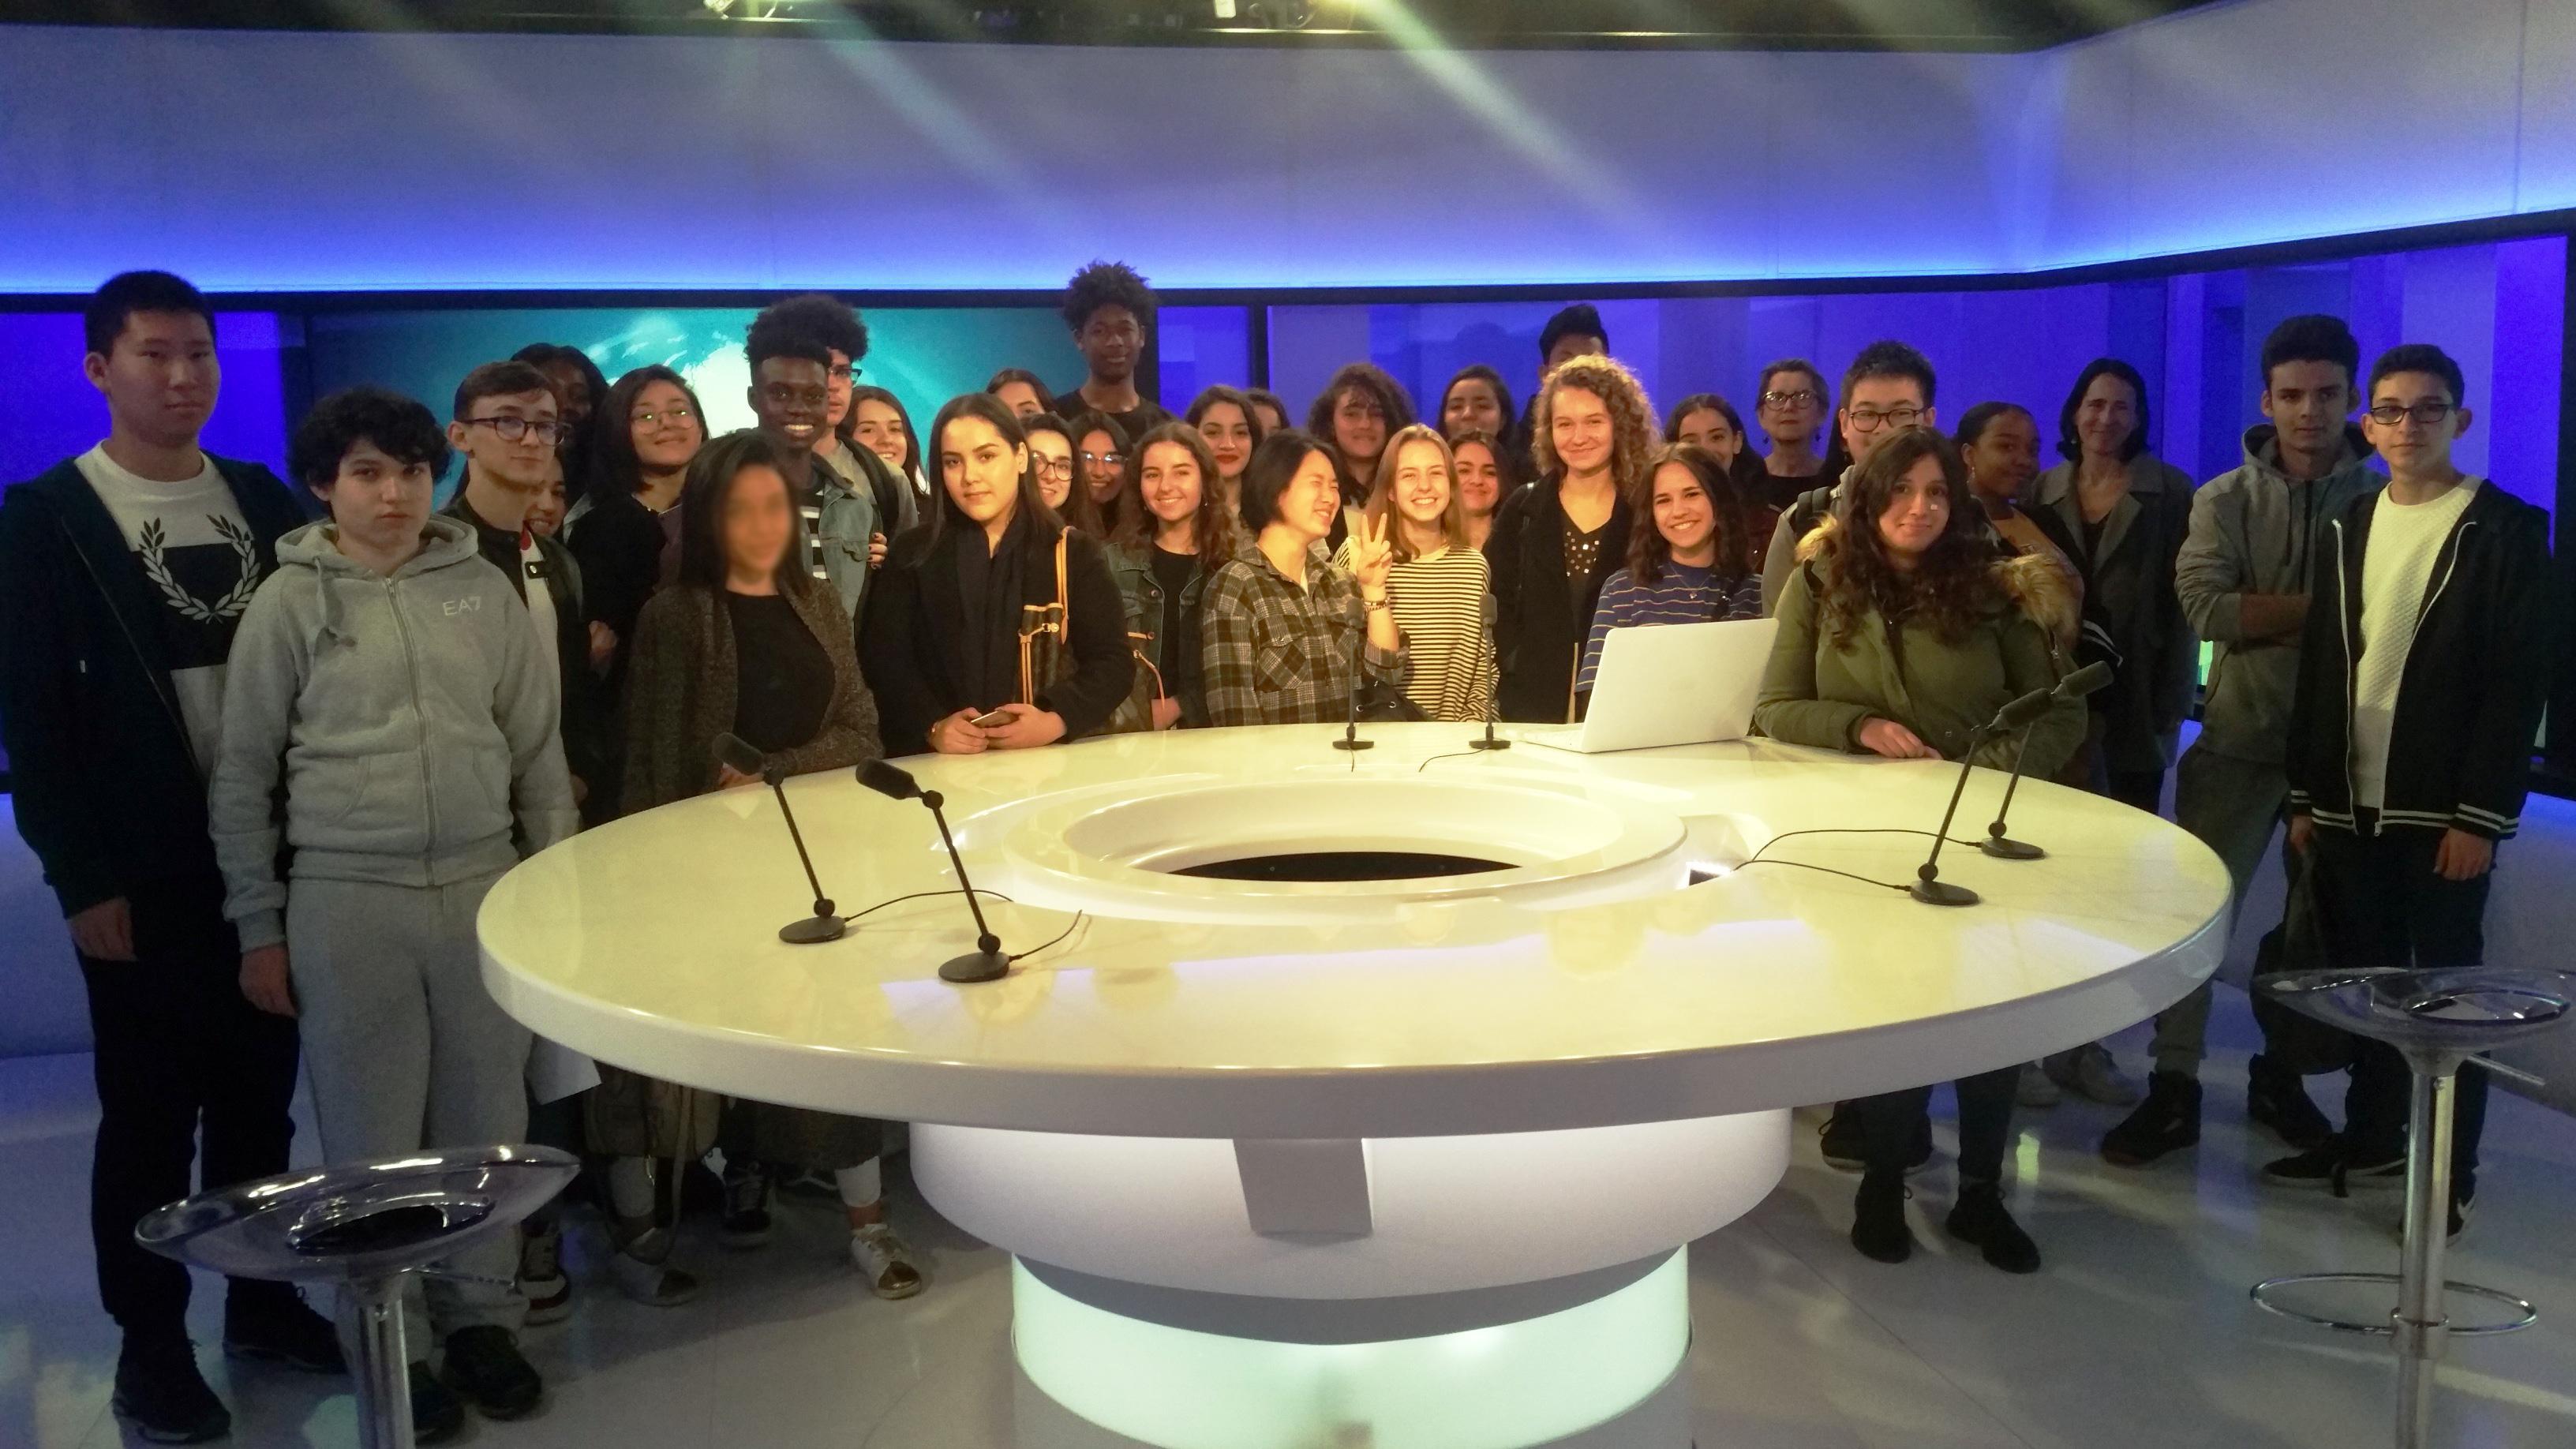 Les 1ère ES du lycée Auguste Renoir d'Asnières-sur-Seine visitent les locaux de TV5MONDE (1er avril 2019)